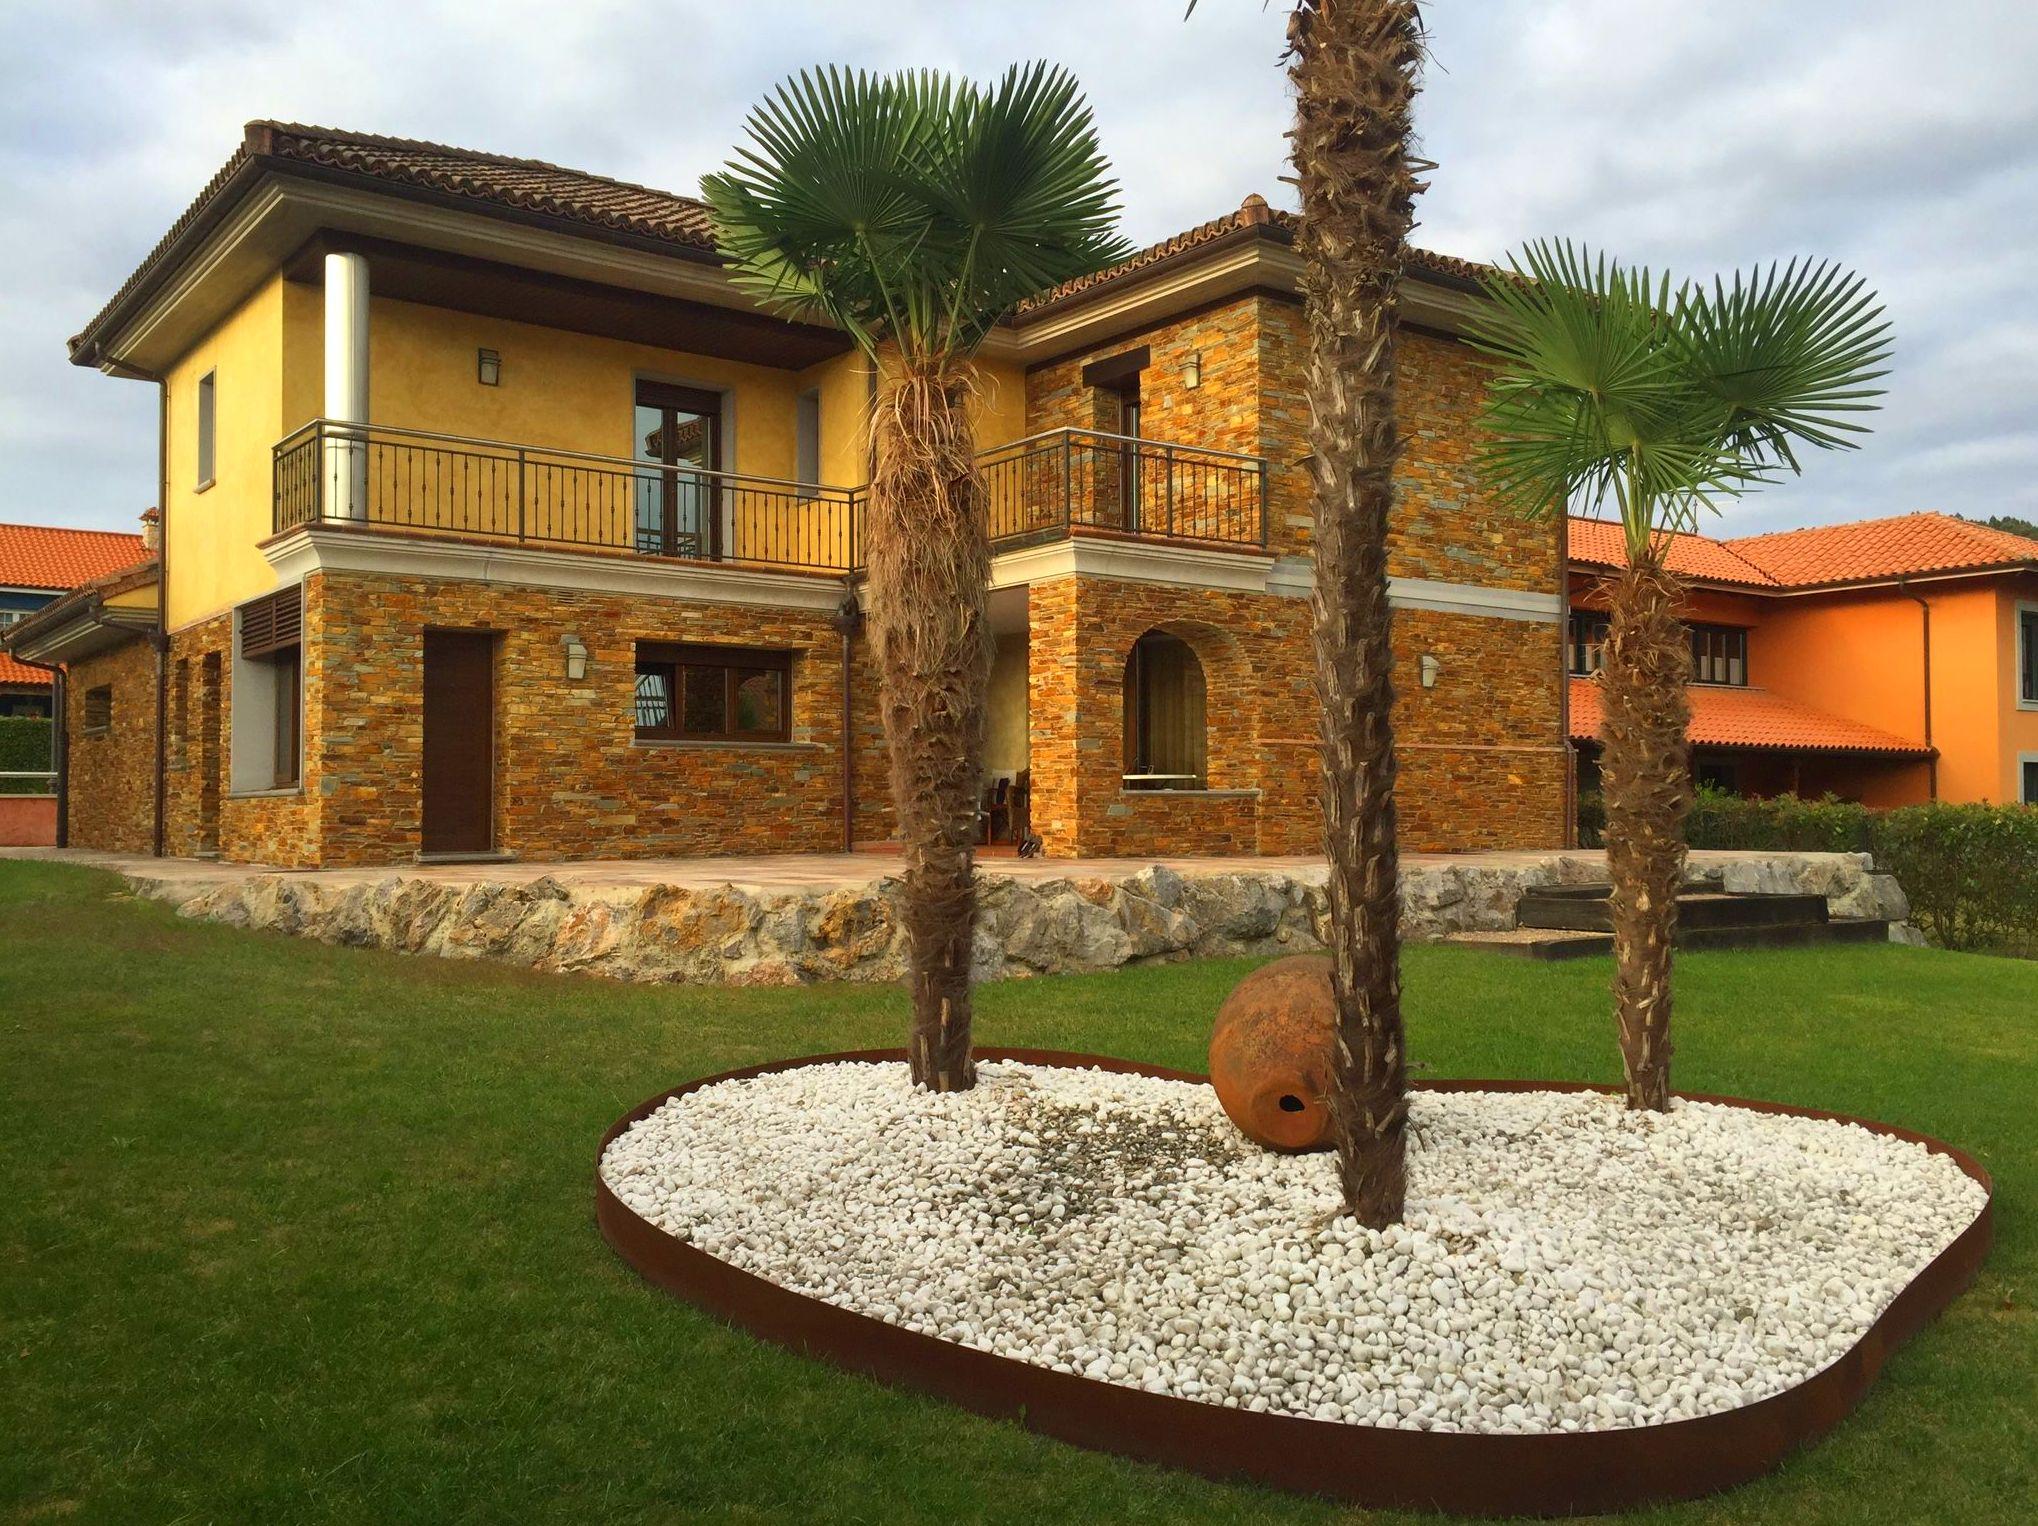 Foto 53 de Fachadas en Colunga | Construcciones Espiniella